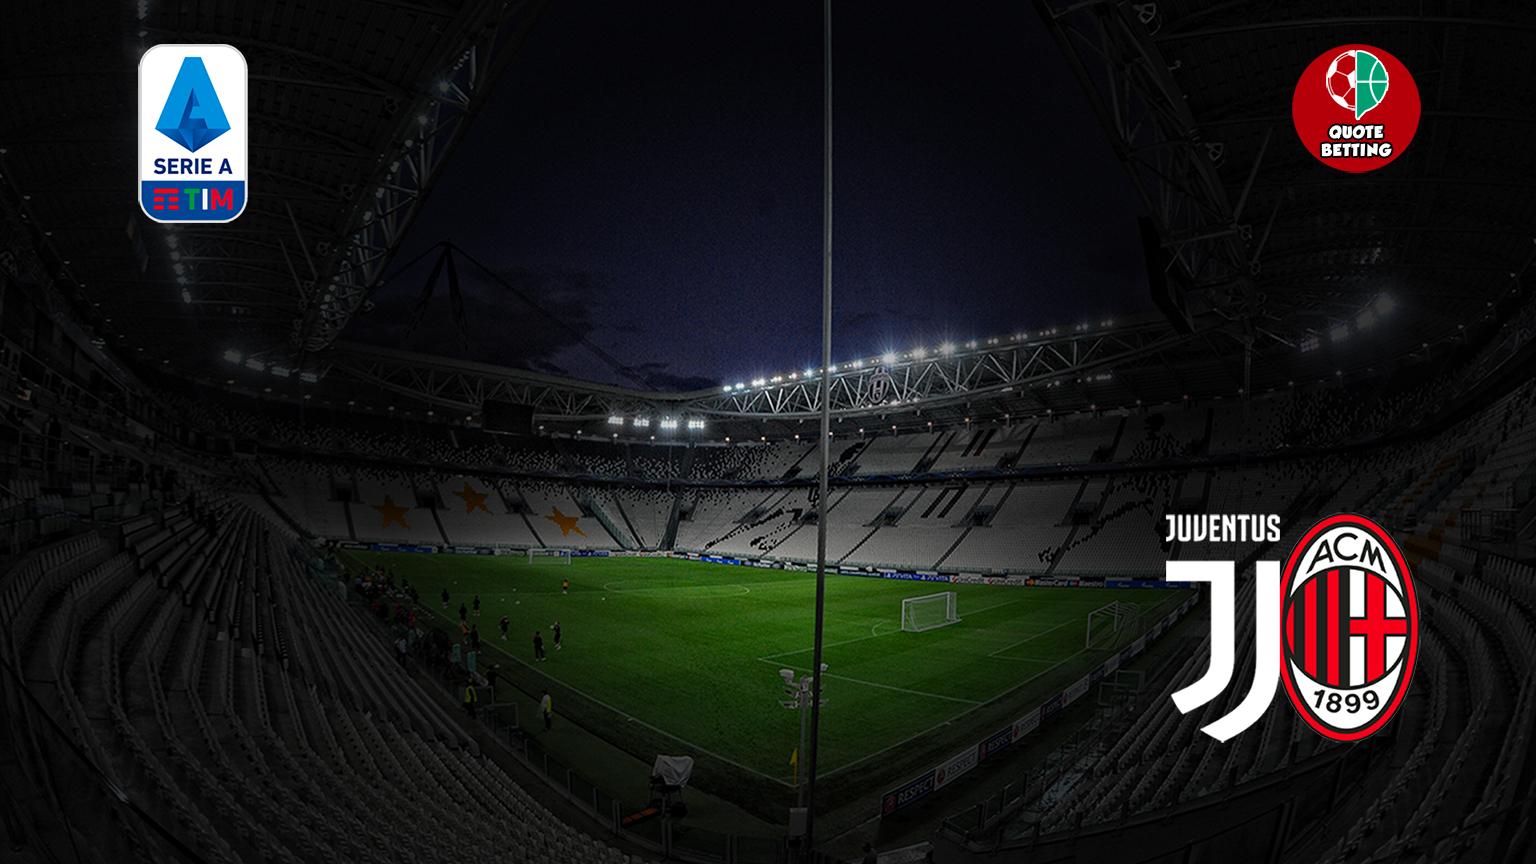 juve odds juventus milan tempat untuk melihat di tv prediksi formasi odds seri a taruhan sepak bola italy allianz stadium